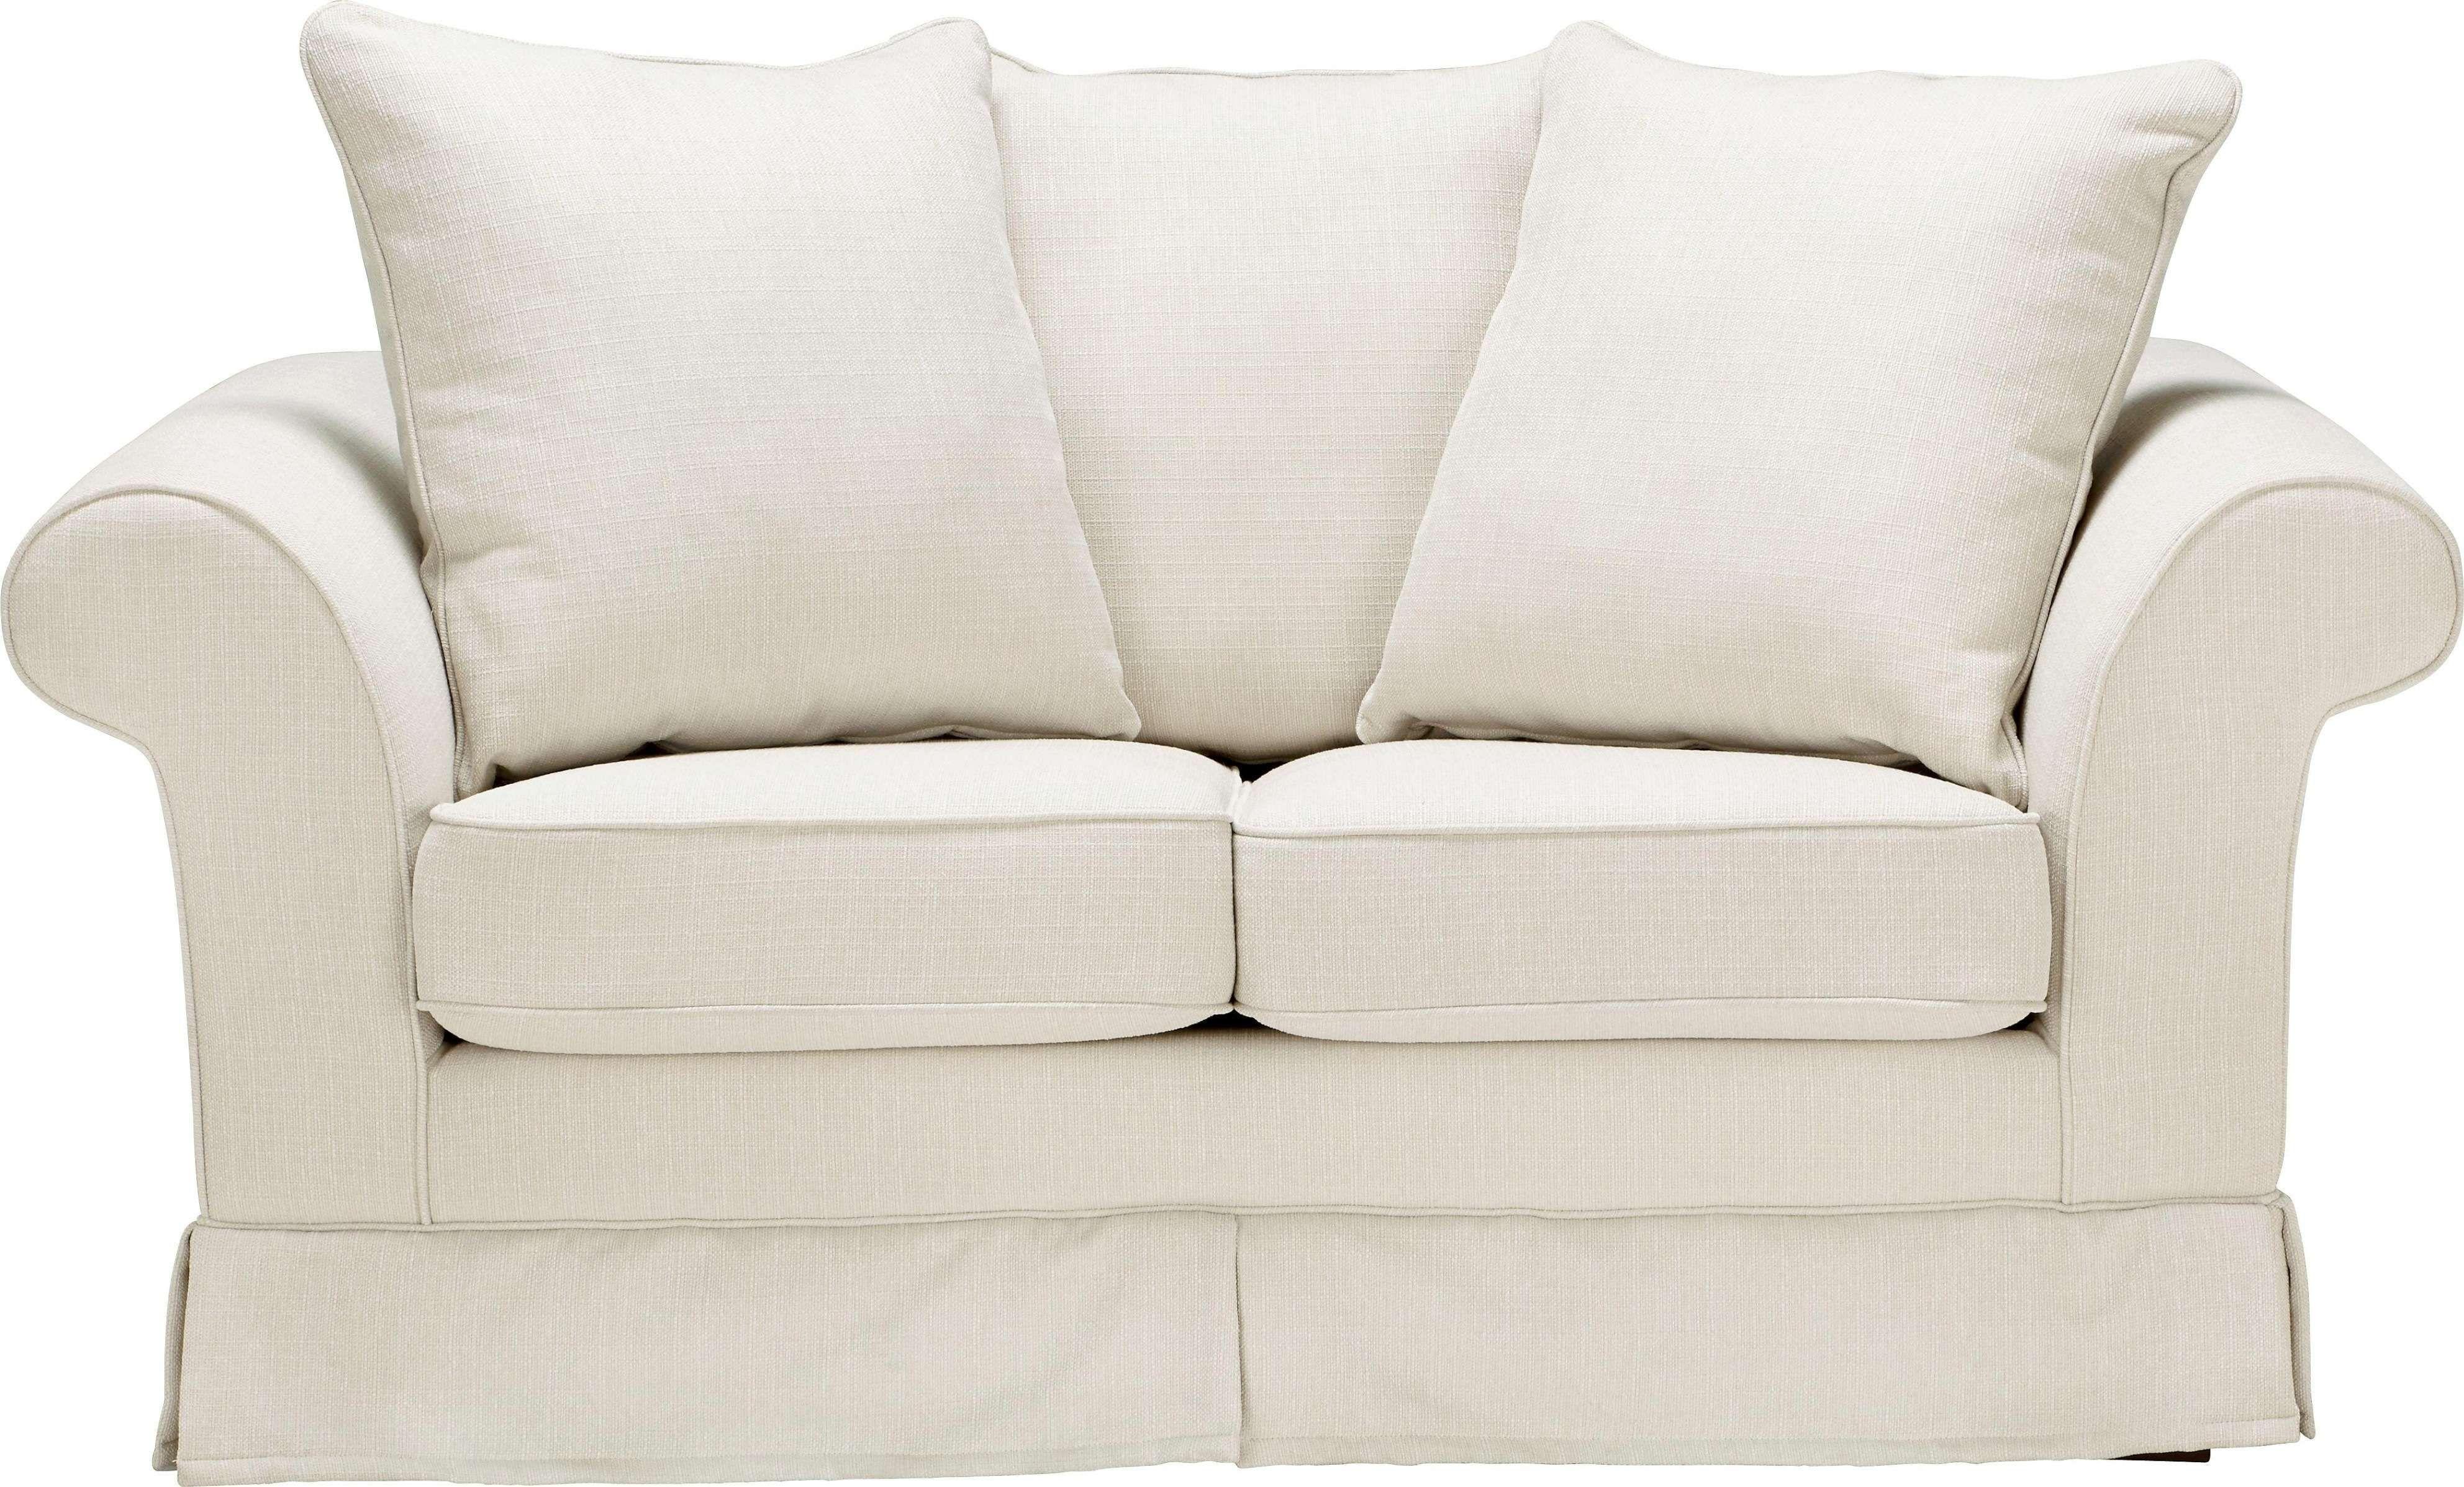 Couch Mit Schlaffunktion Und Bettkasten Couch Mit Bettkasten Und Schlaffunktion Inspirierend In 2020 Beige Sofa Love Seat Sofa